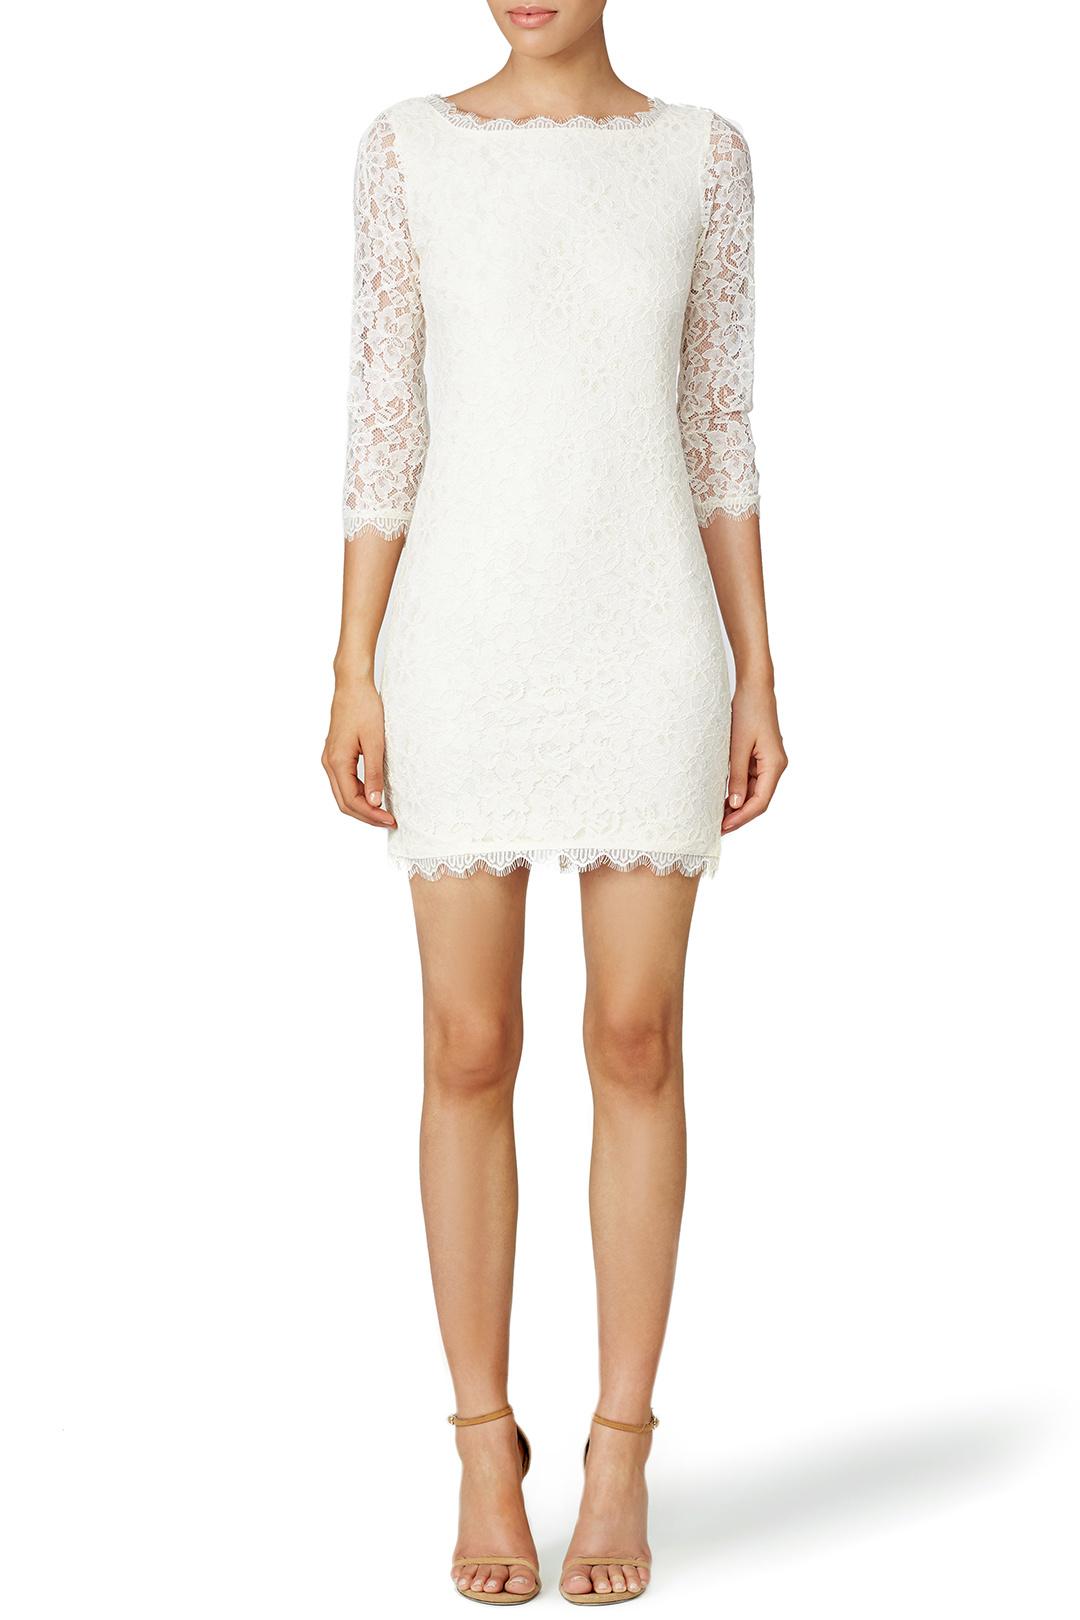 Diane Von Furstenburg Ivory Zarita Dress